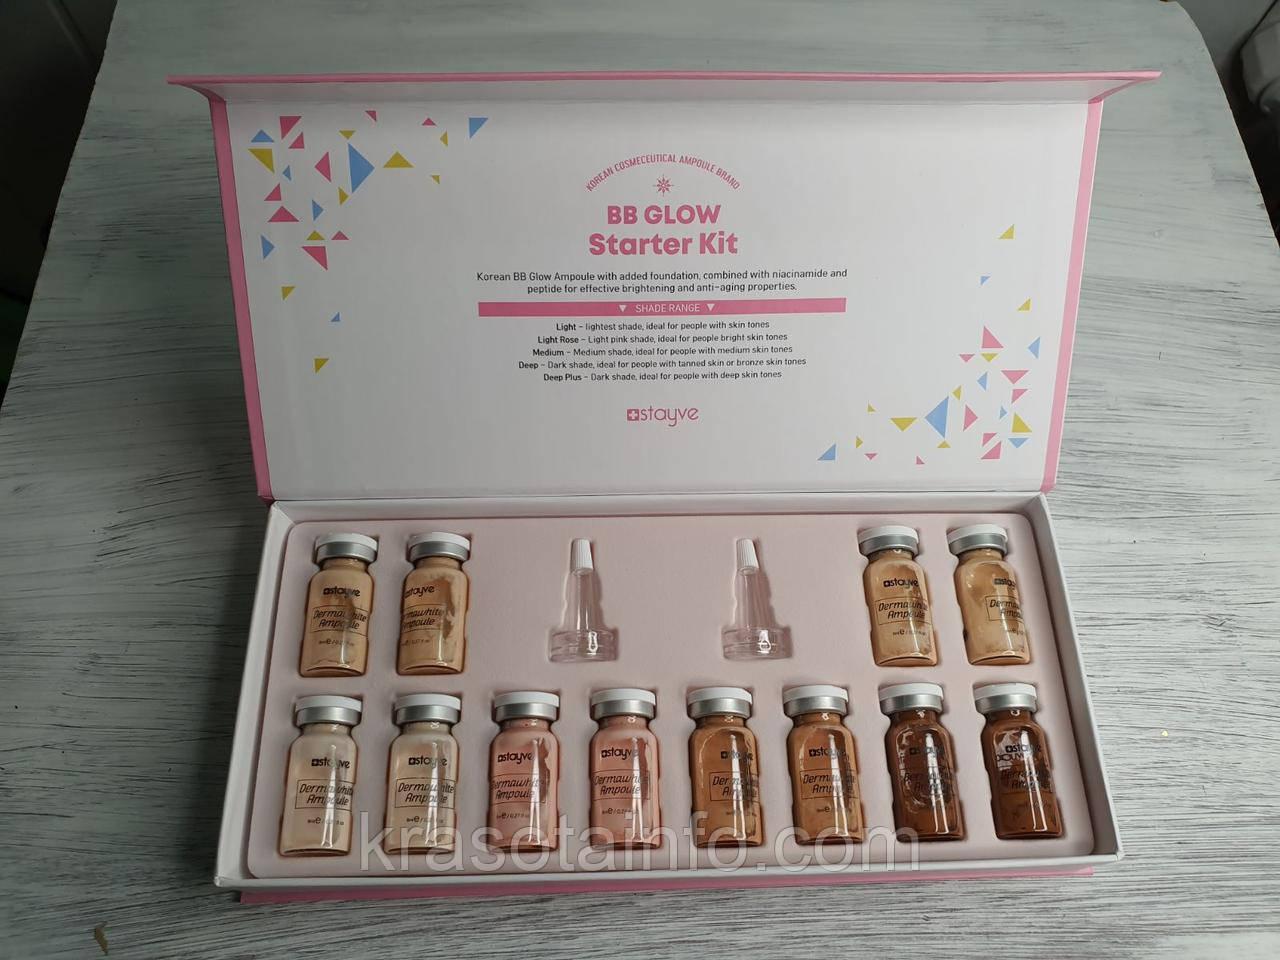 Набор из 5-ти оттенков BB glow Starter Kit Stayve Korea  бб глоу Стайве Корея - 1 упаковка- 12 шт/8 мл